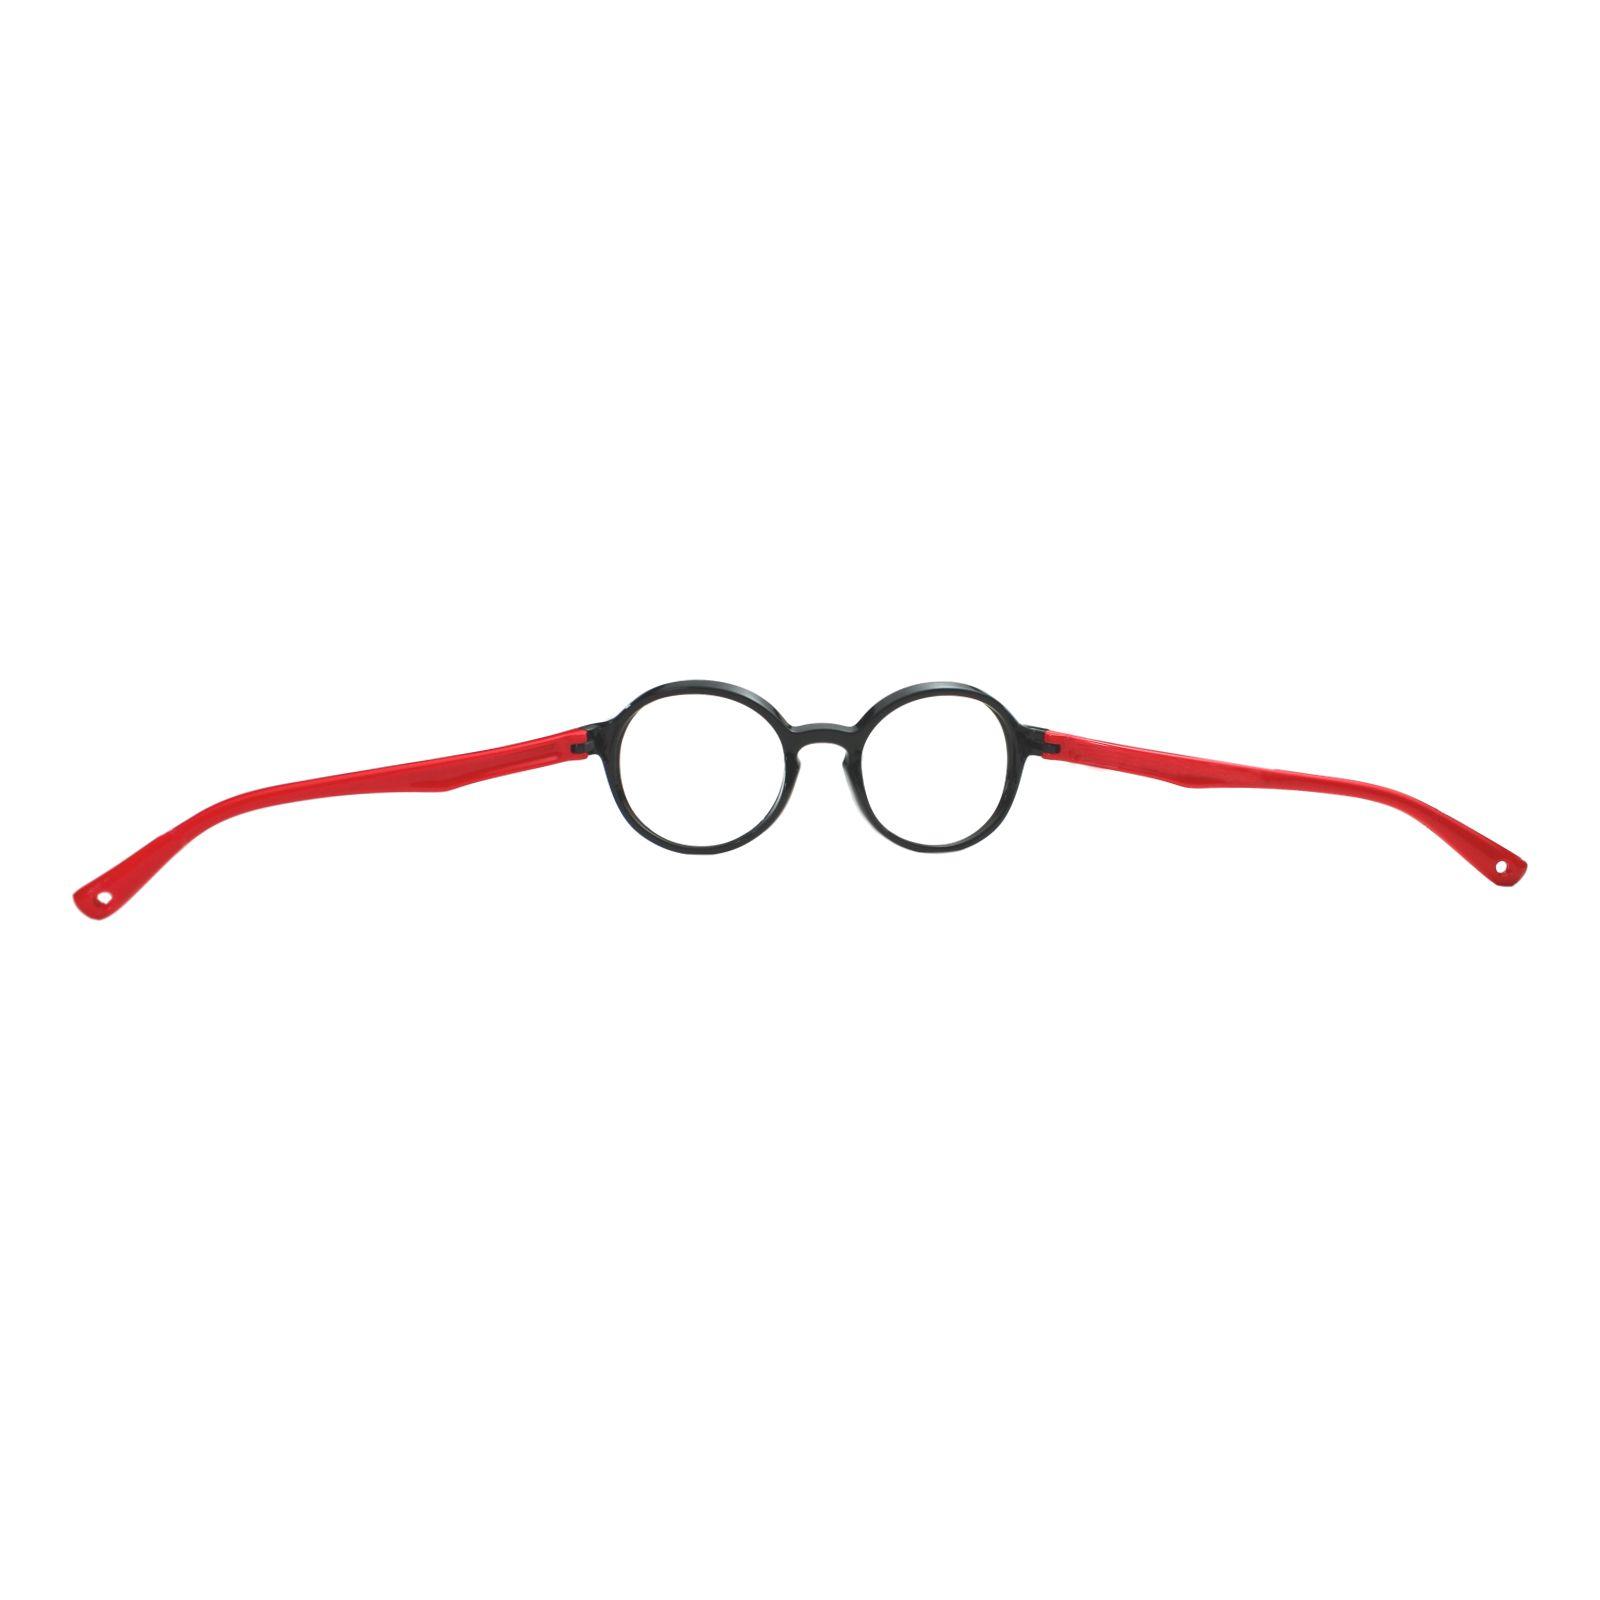 ... Armação para Óculos Díspar ID1959 infantil Flexível Idade 6 a 9 anos -  Preto Vermelho ... 167b22c0f6